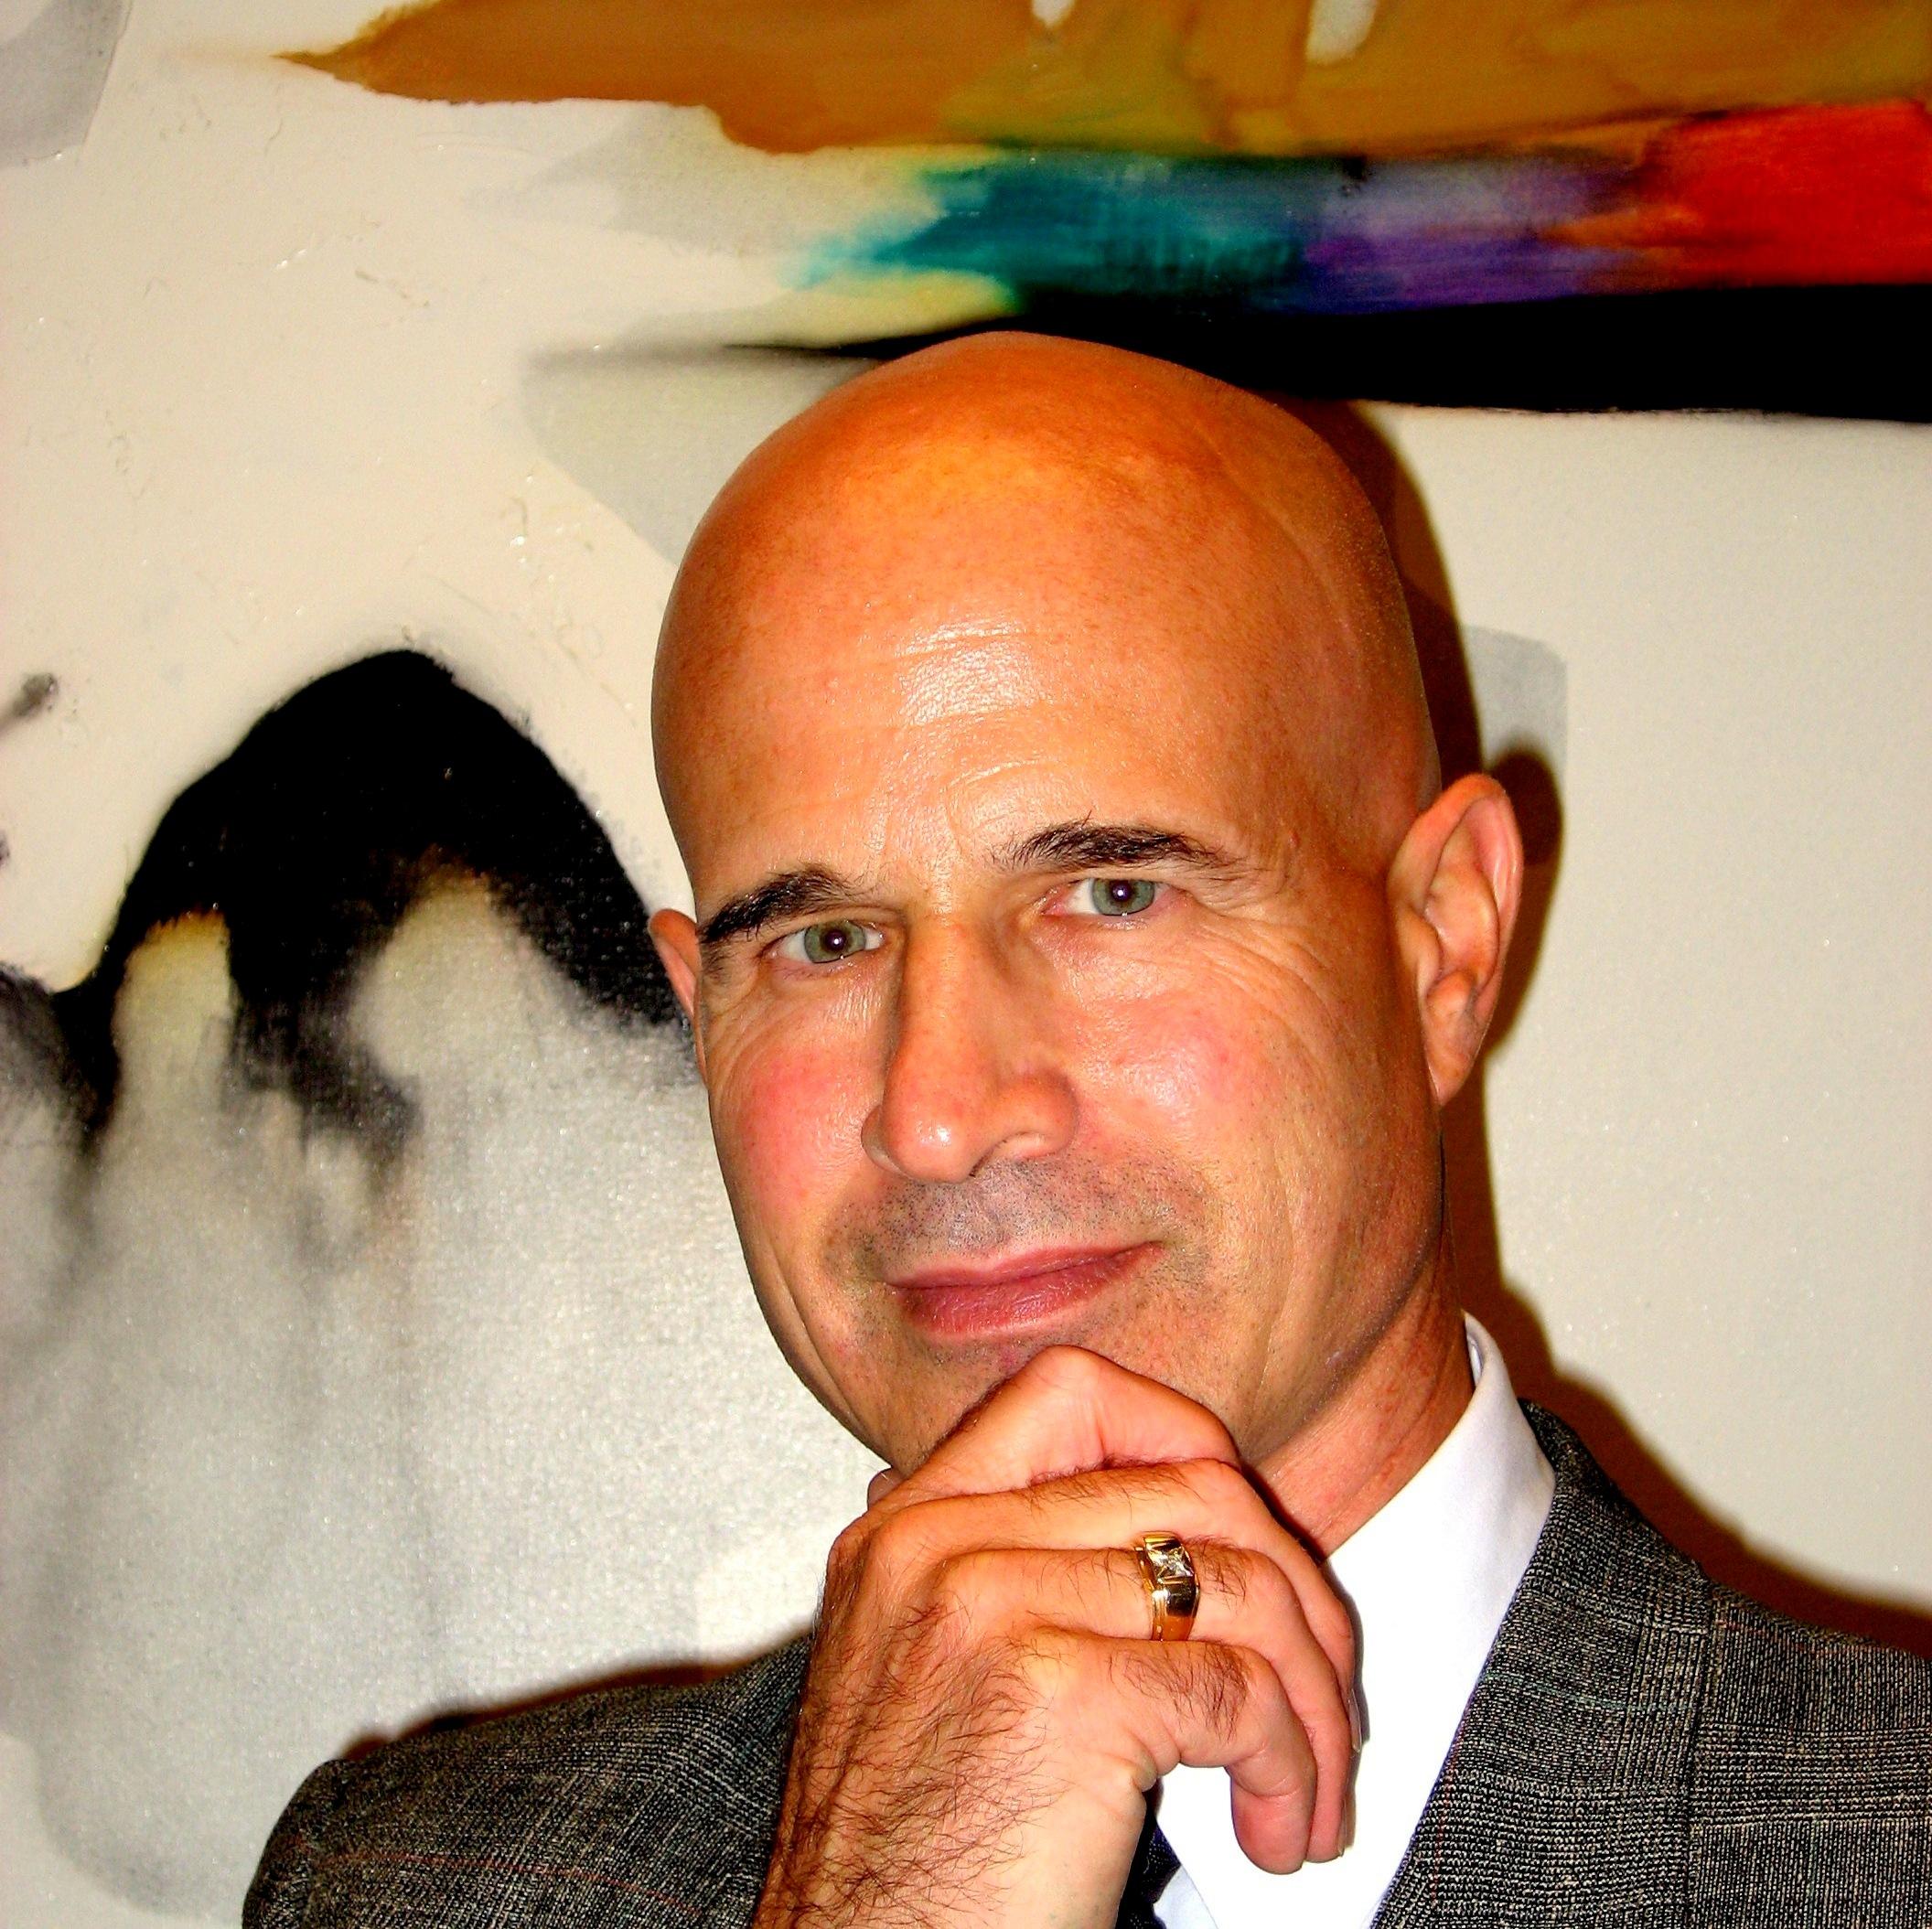 Steven C. Adamko - Interior Designer, Speaker, and Author